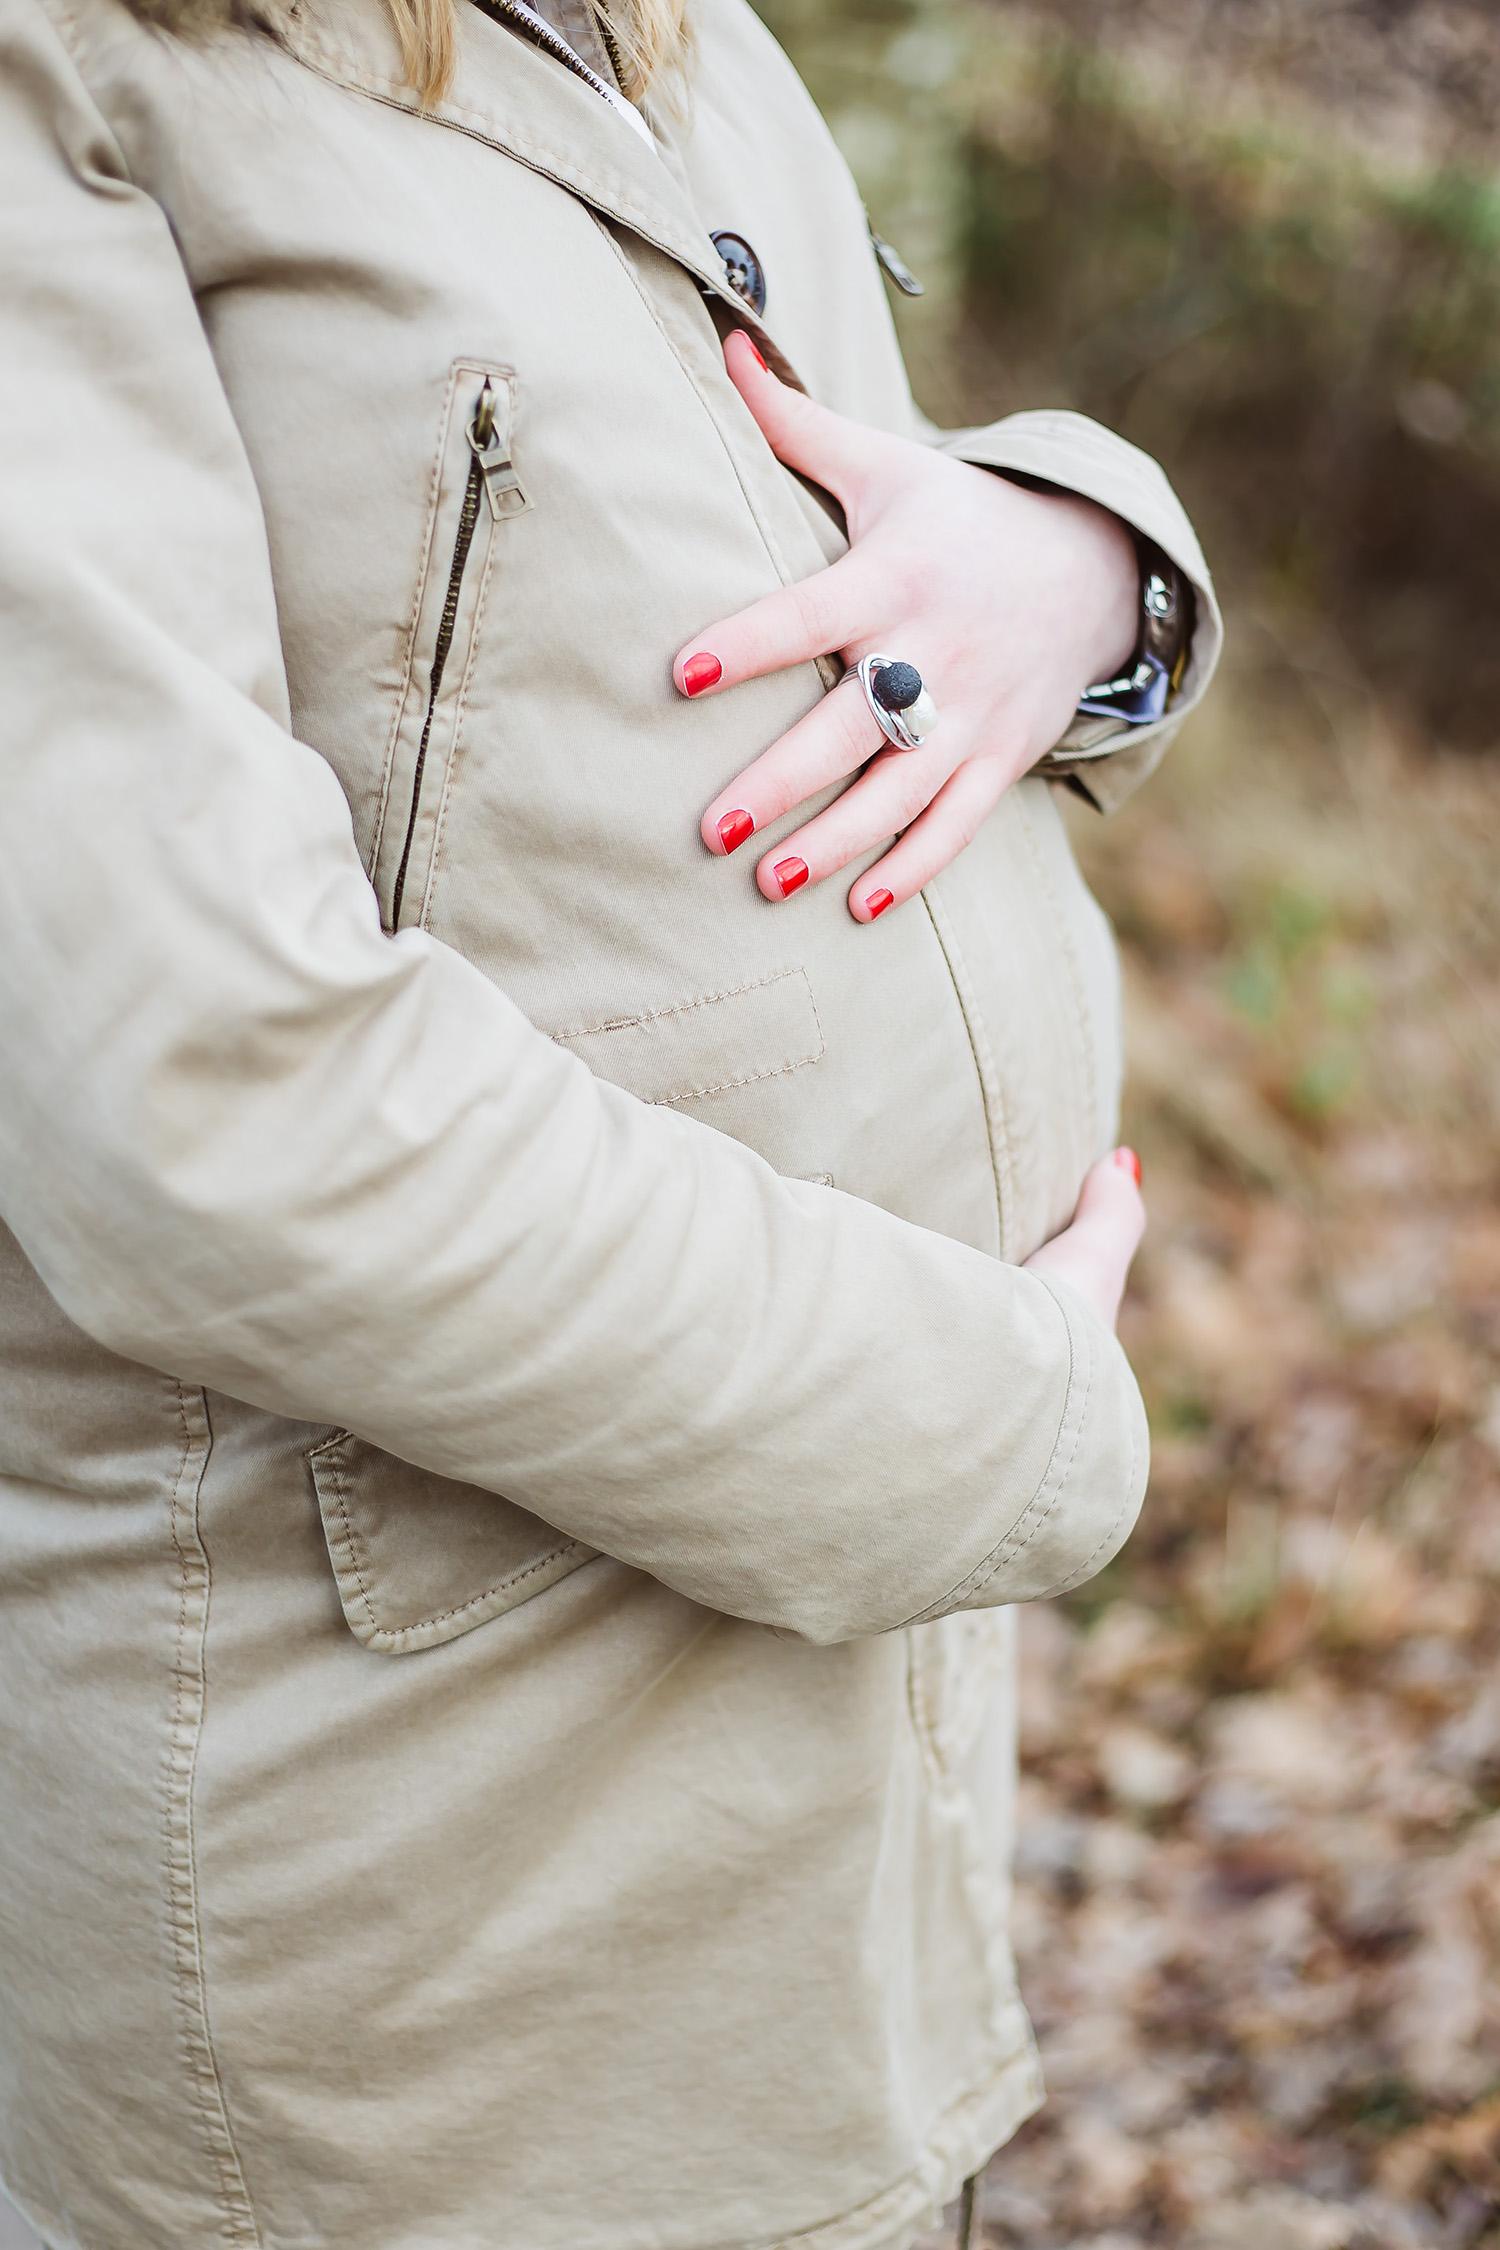 Babybauchfoto Schwangerschaftsfoto Fotograf Esterwegen